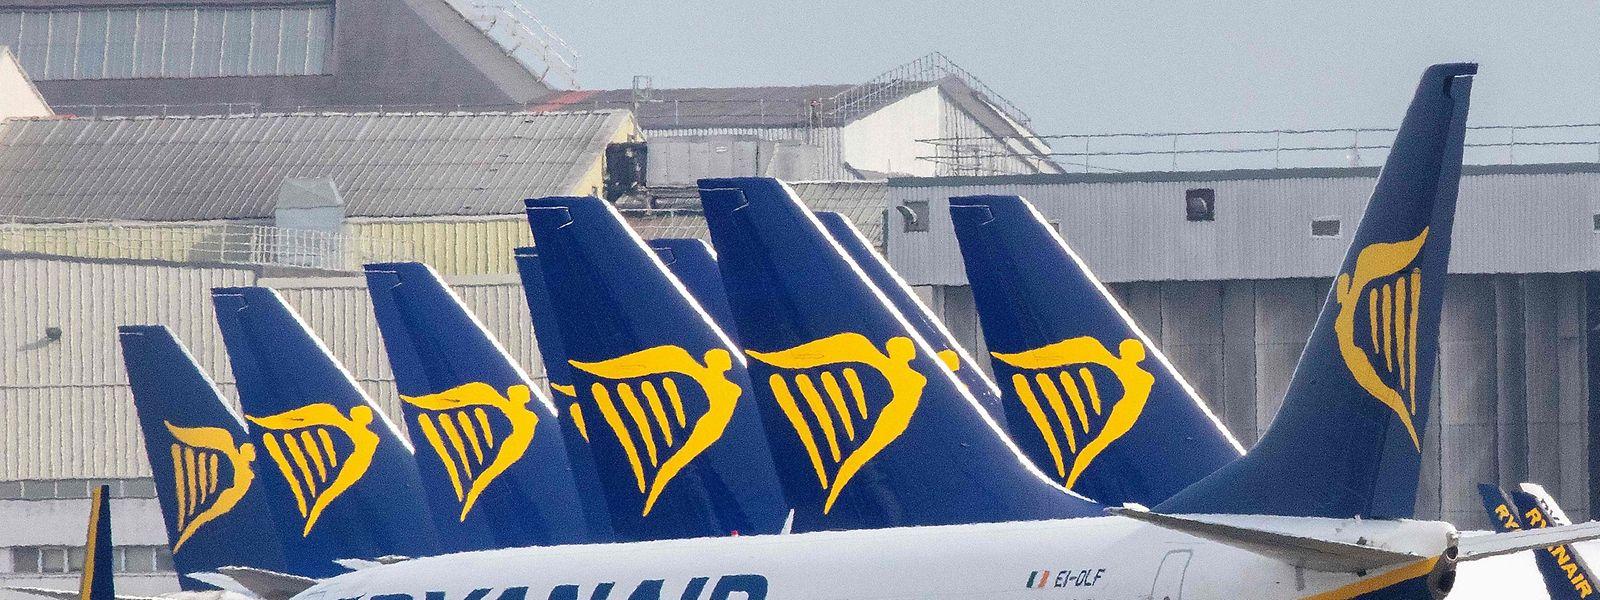 La compagnie compte transporter 60% de voyageurs en moins durant l'exercice 2020-2021.